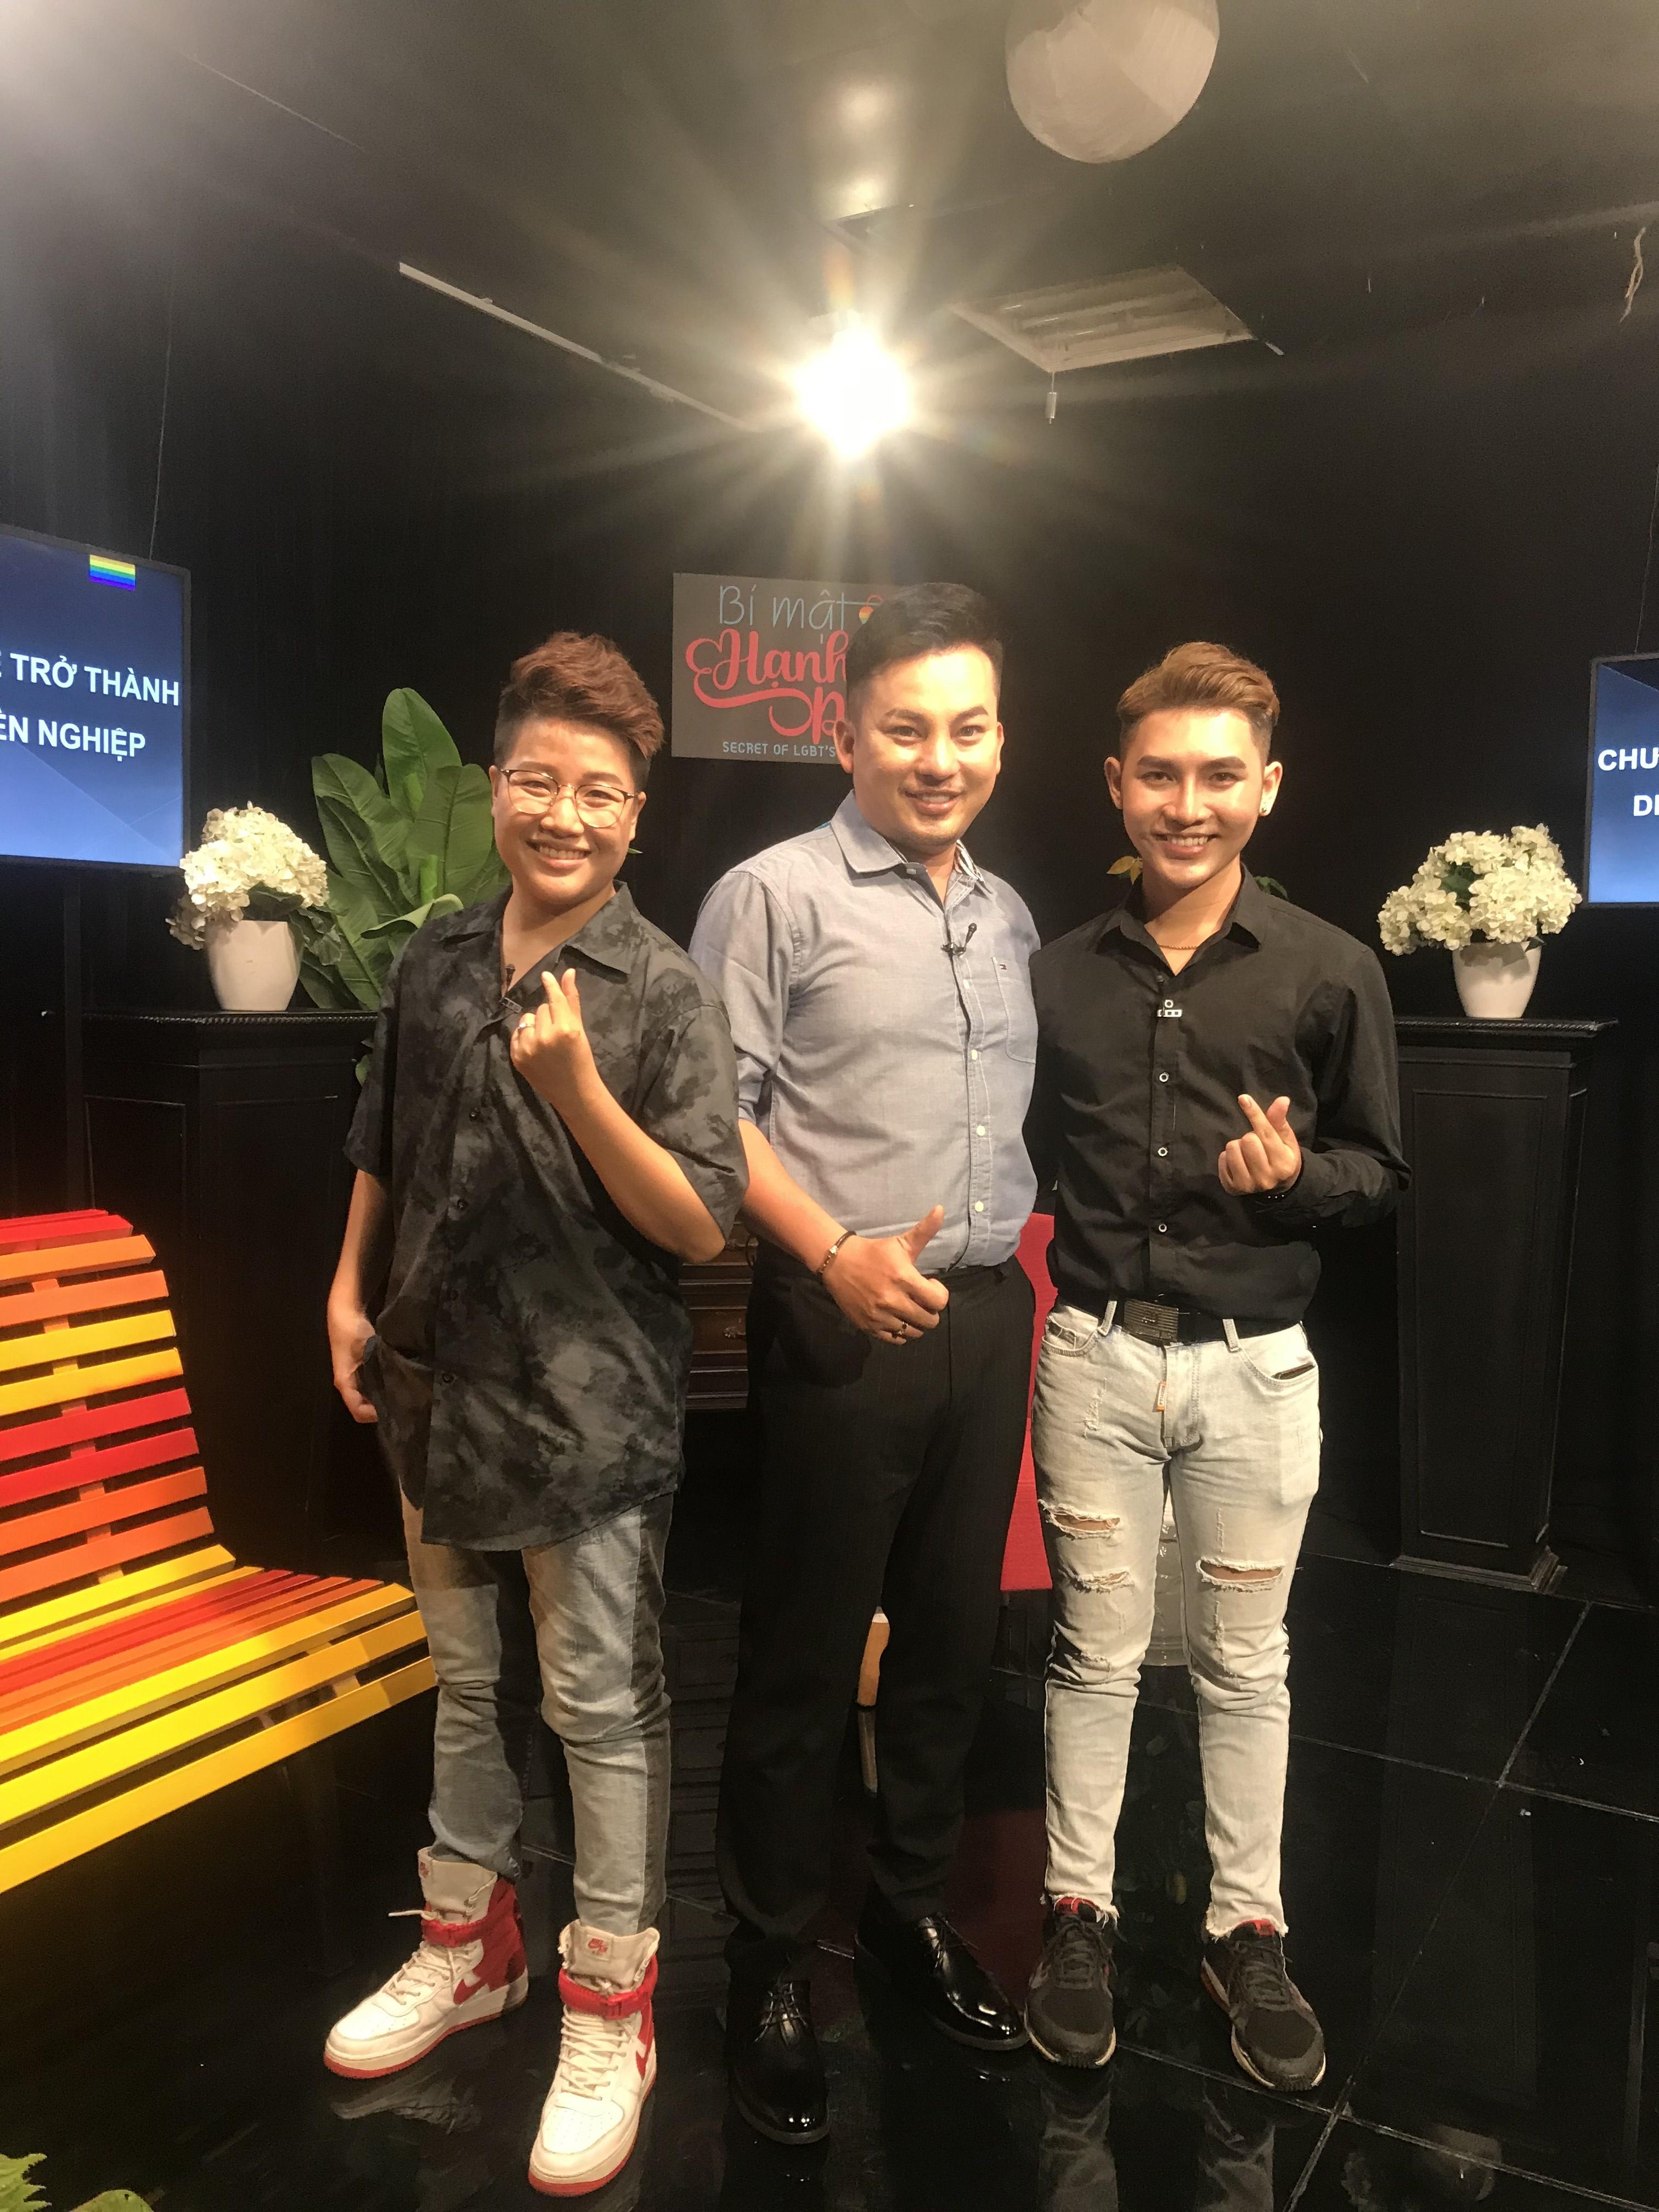 Ra mắt talkshow đầu tiên về lập nghiệp dành cho cộng đồng LGBT